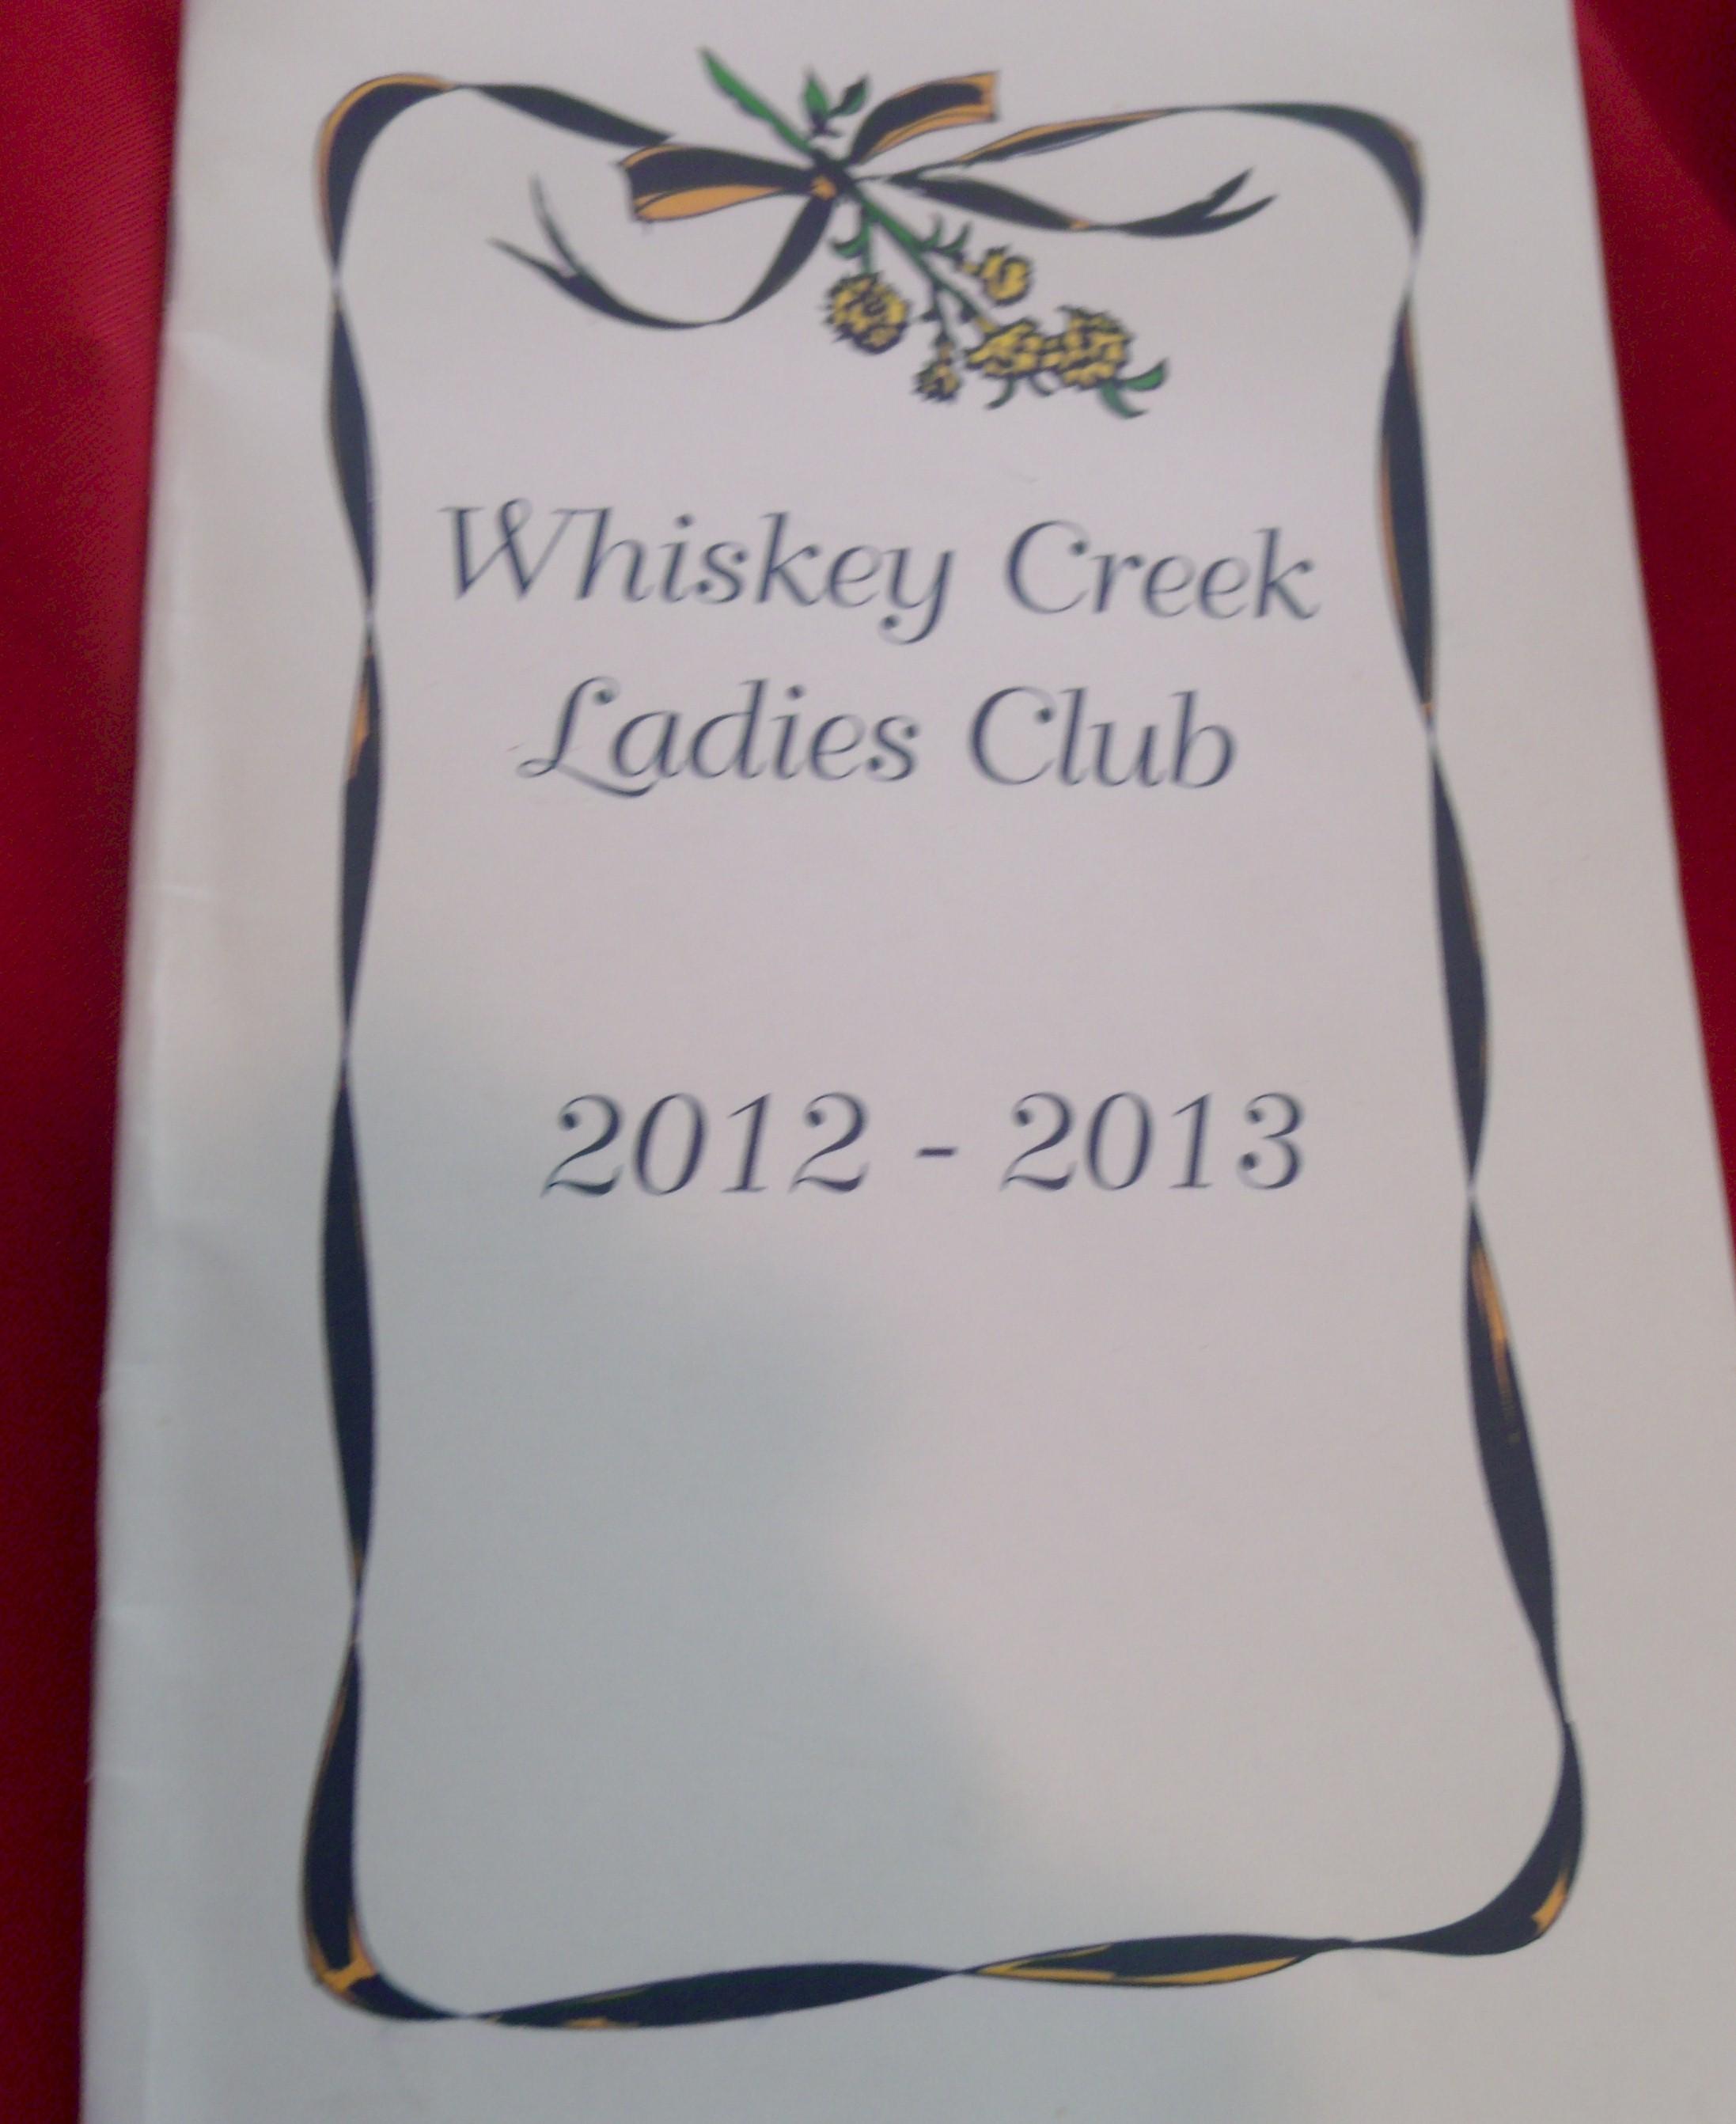 Whiskey Creek Ladies Club